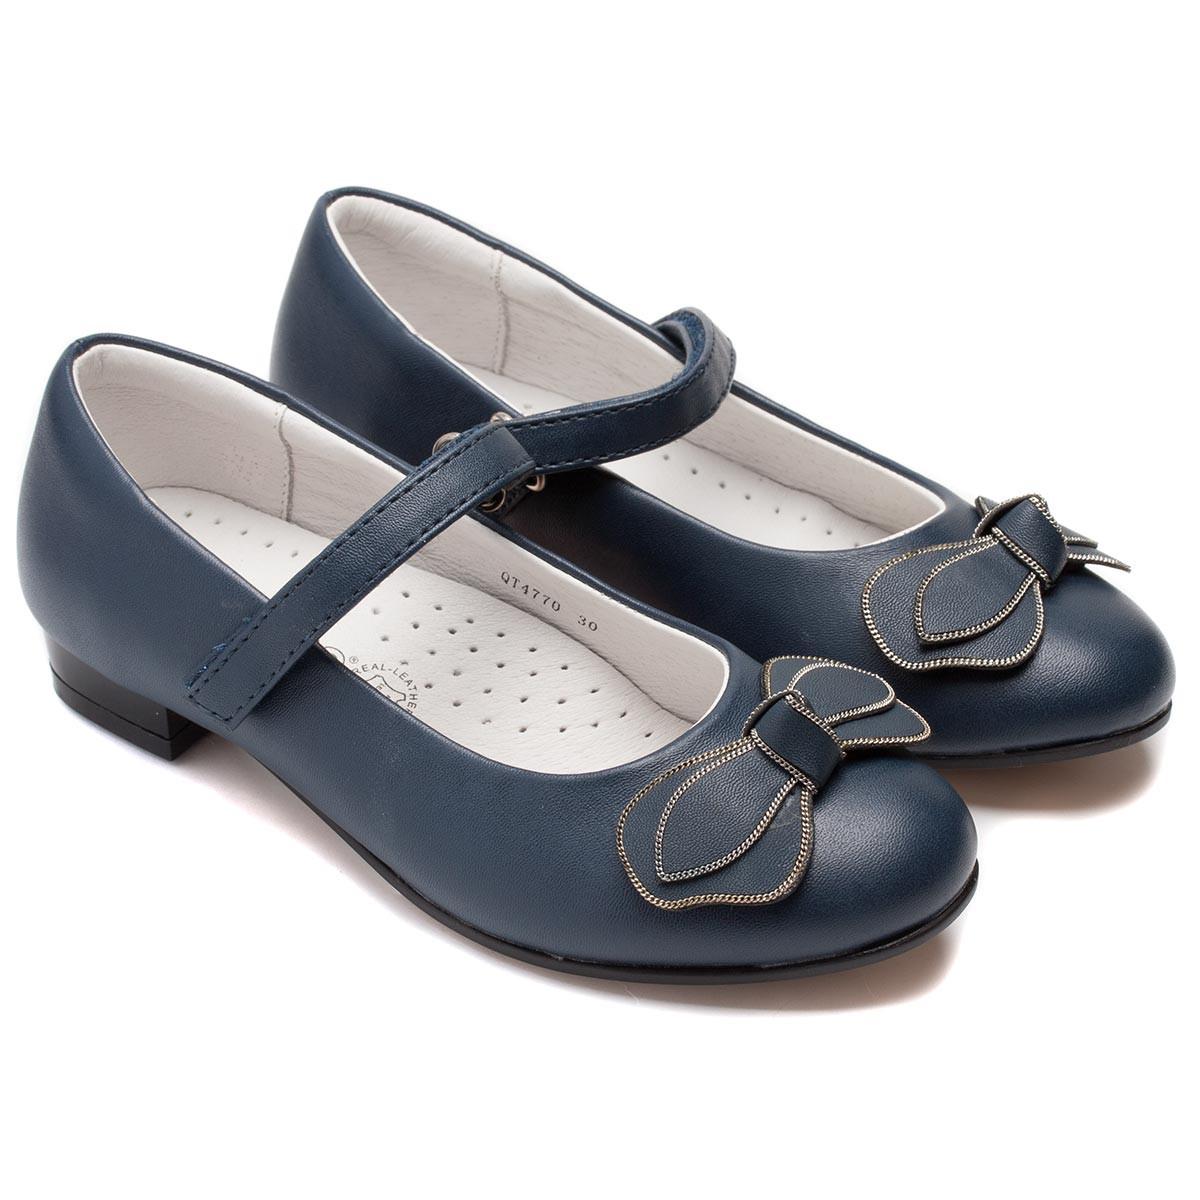 Летняя обувь для долгих прогулок